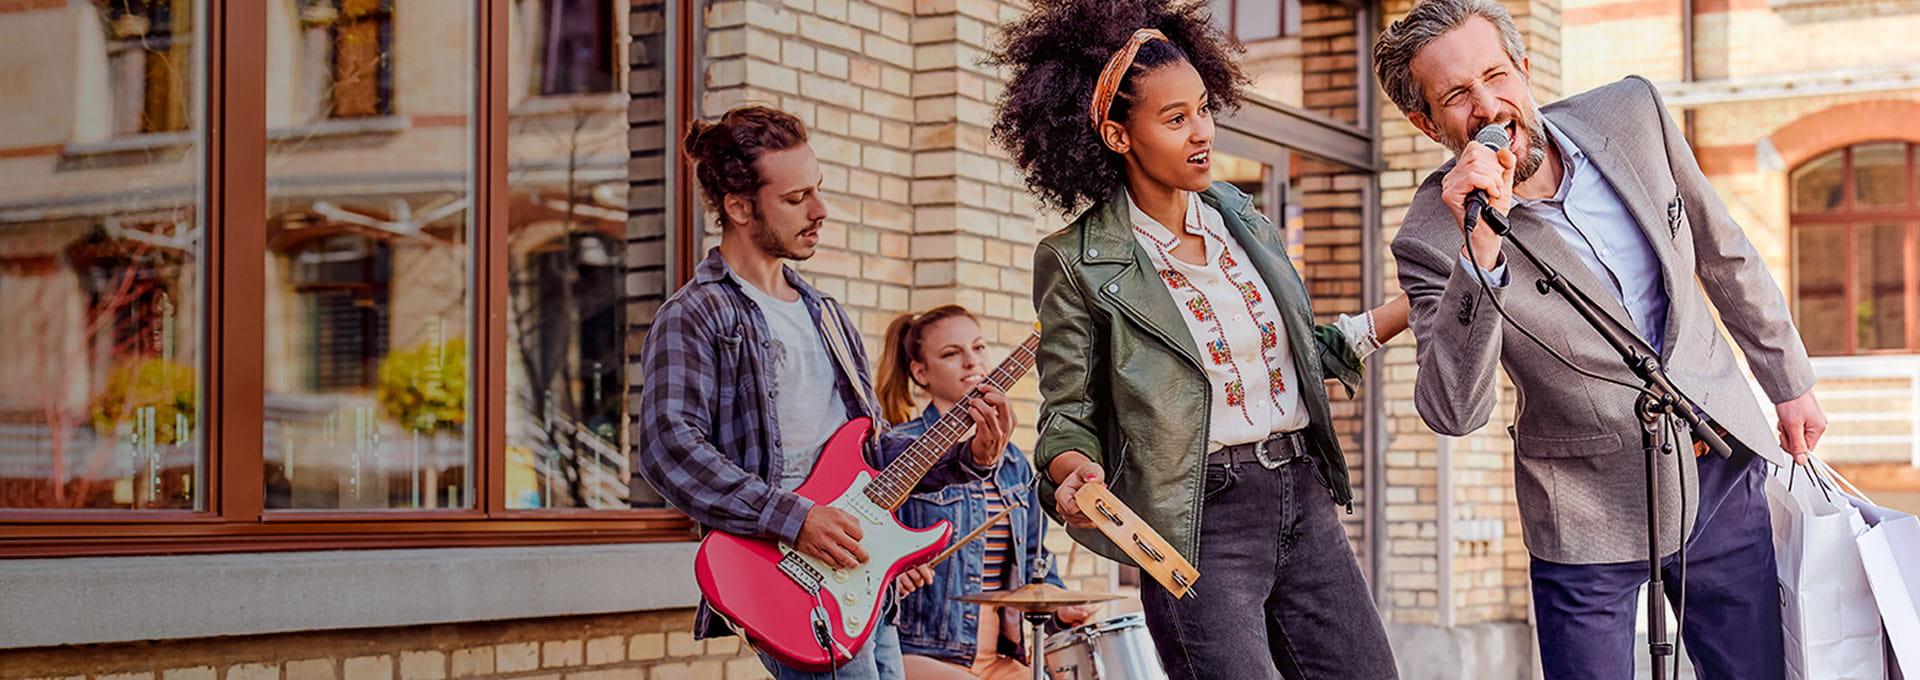 Hombre con audífonos detrás de la oreja Bernafon Leox Super Power   Ultra Power cantando de forma diferente junto con una banda callejera.